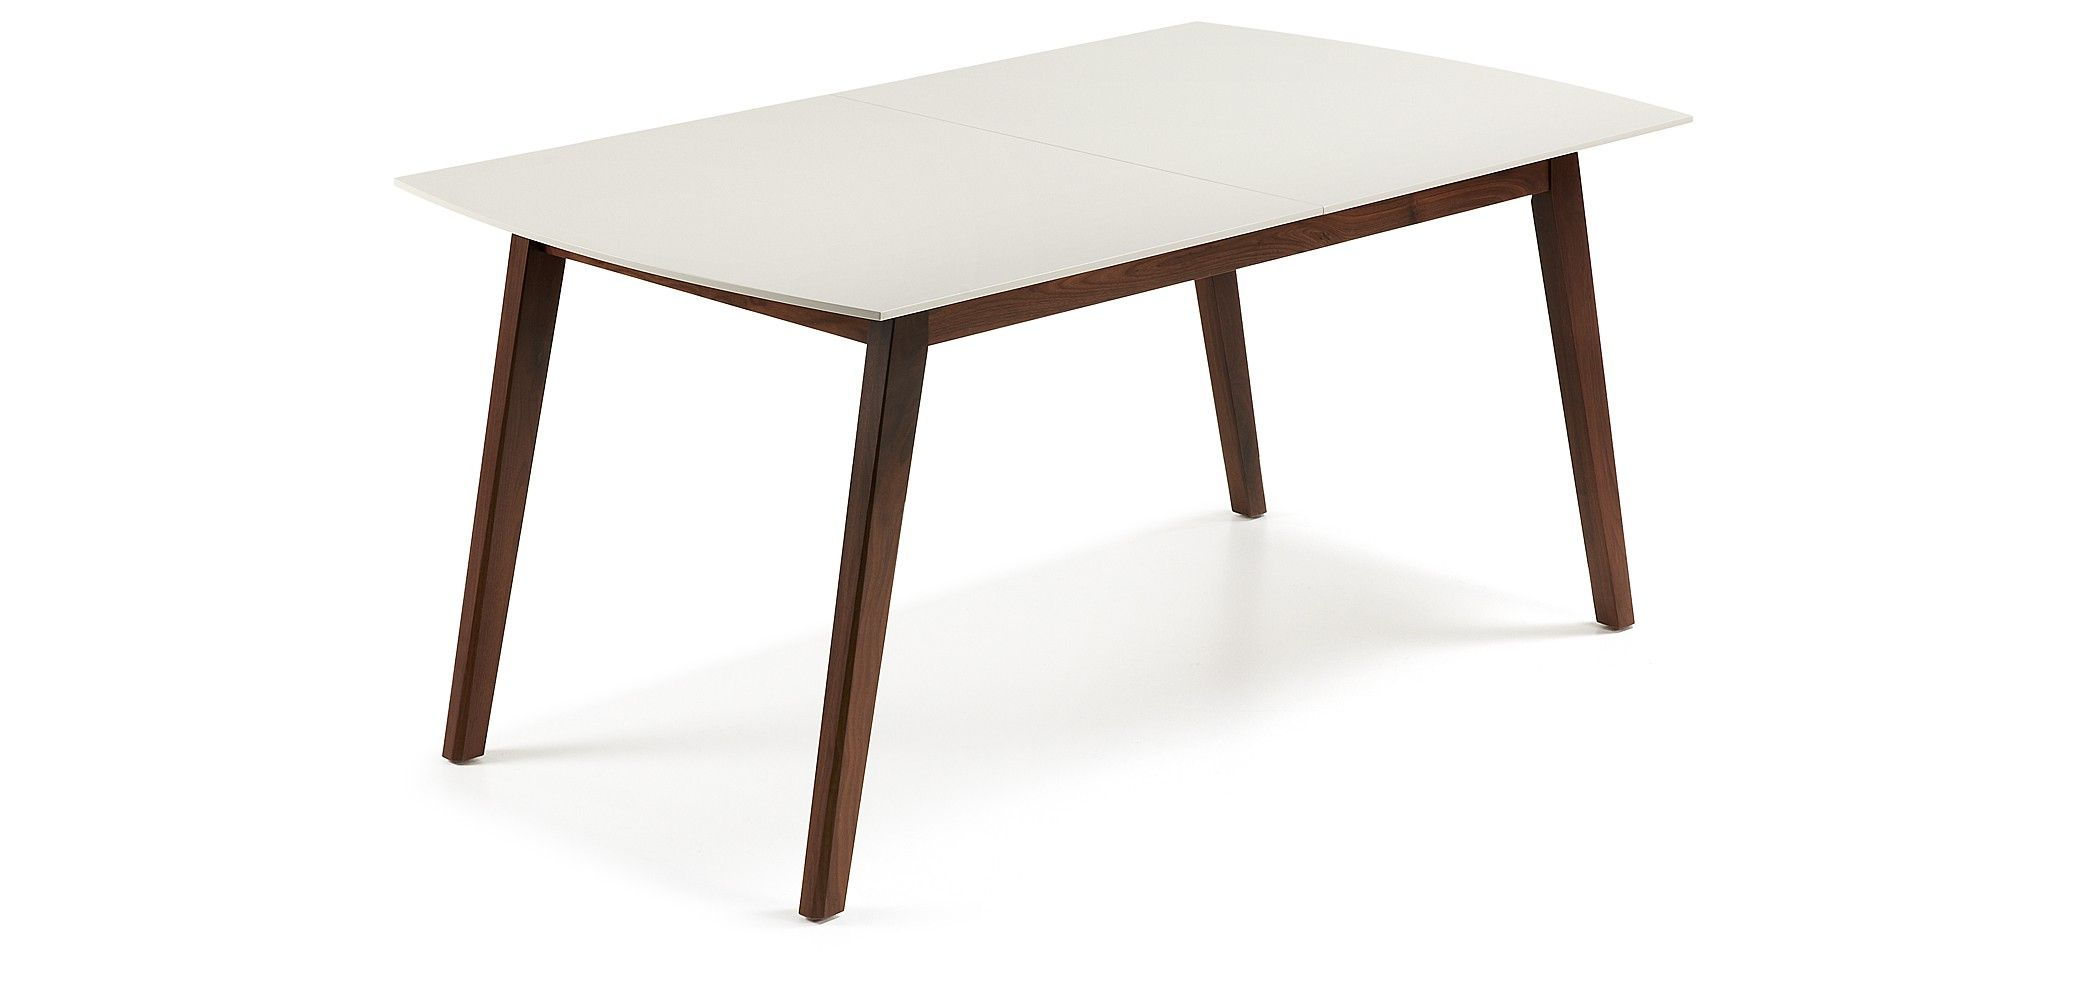 Table Extensible Avec Structure En Bois De Noyer Americain Massif